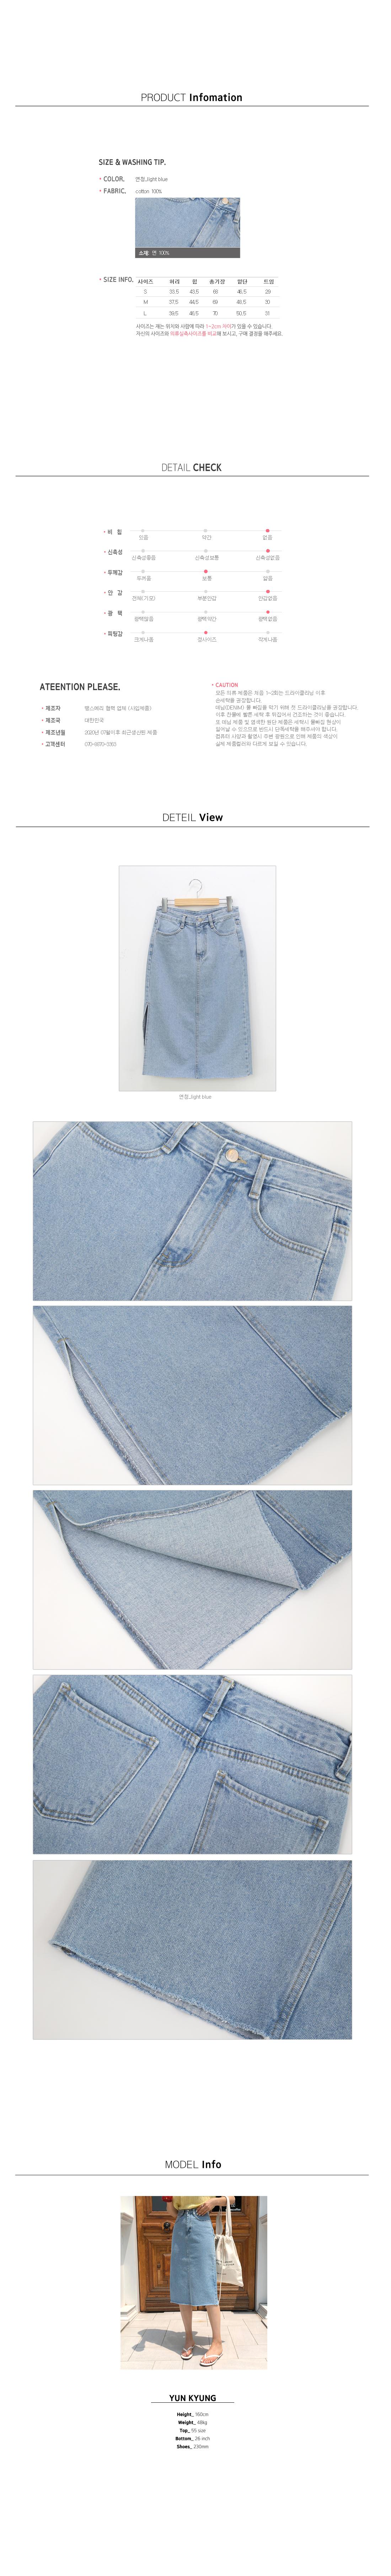 Bell side denim denim long skirt